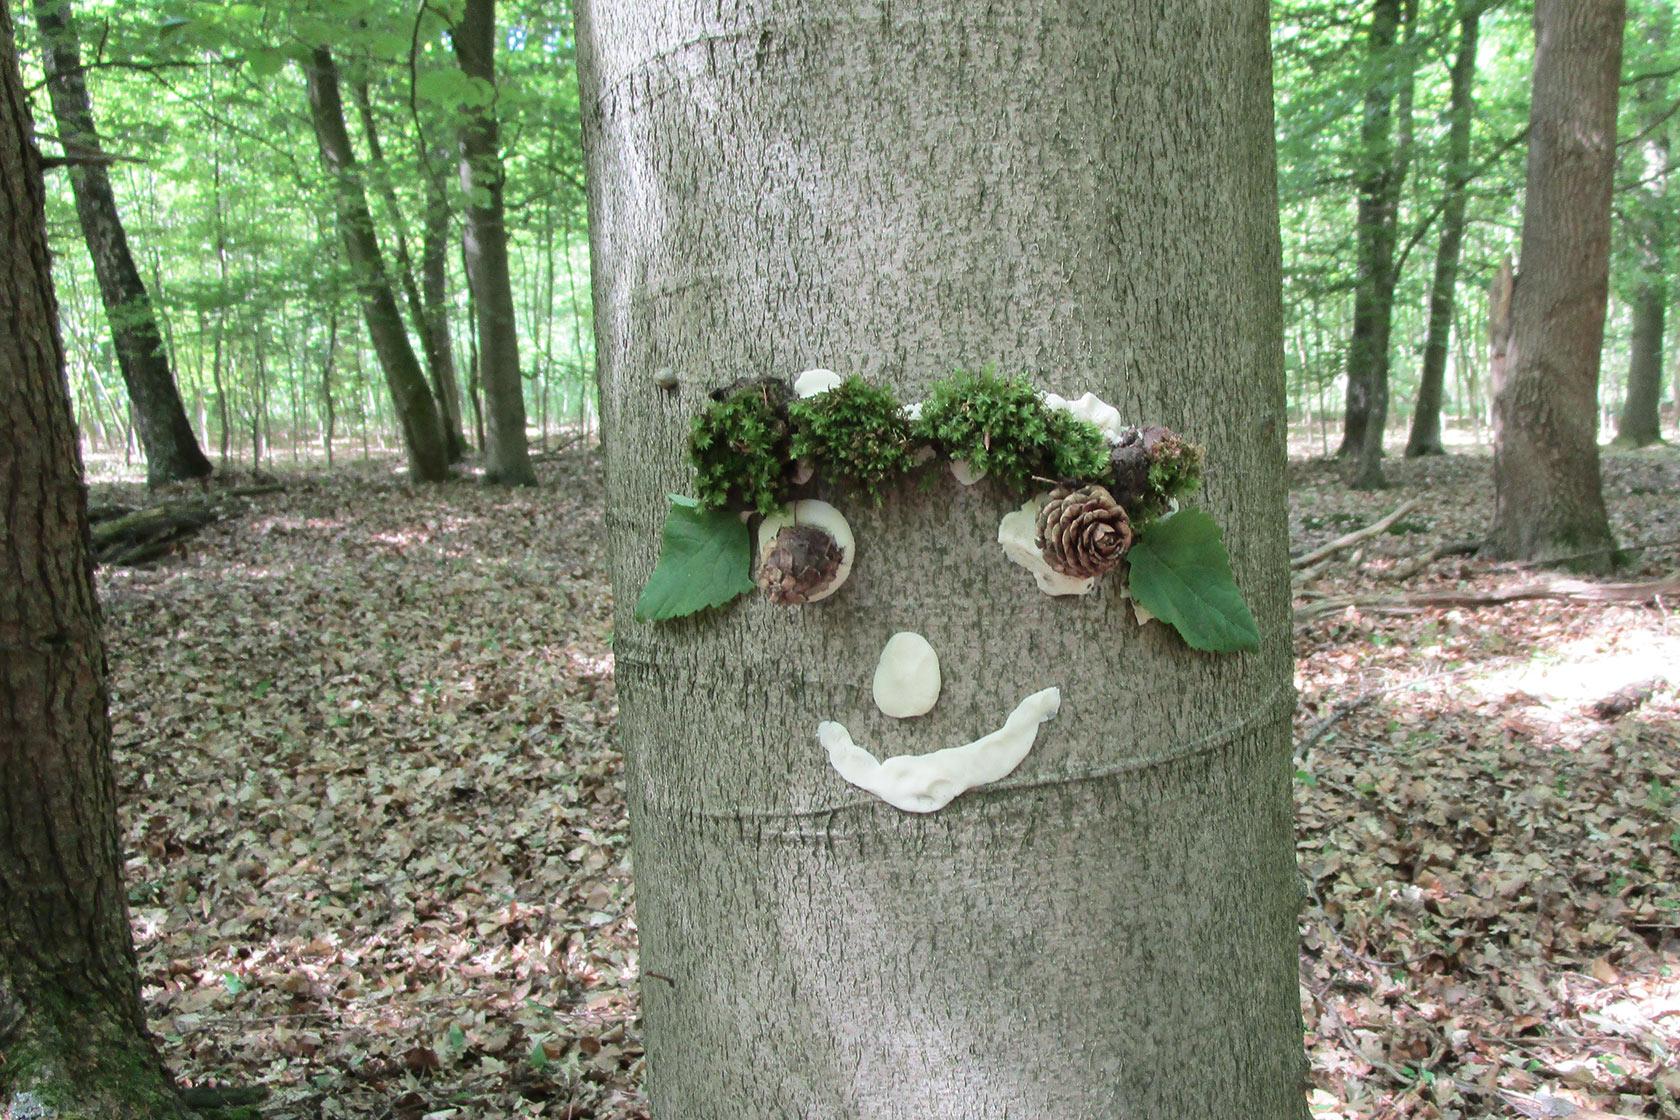 Ein Baumstamm ist mit einem Gesicht aus Naturmaterialien aus dem Wald geschmückt.